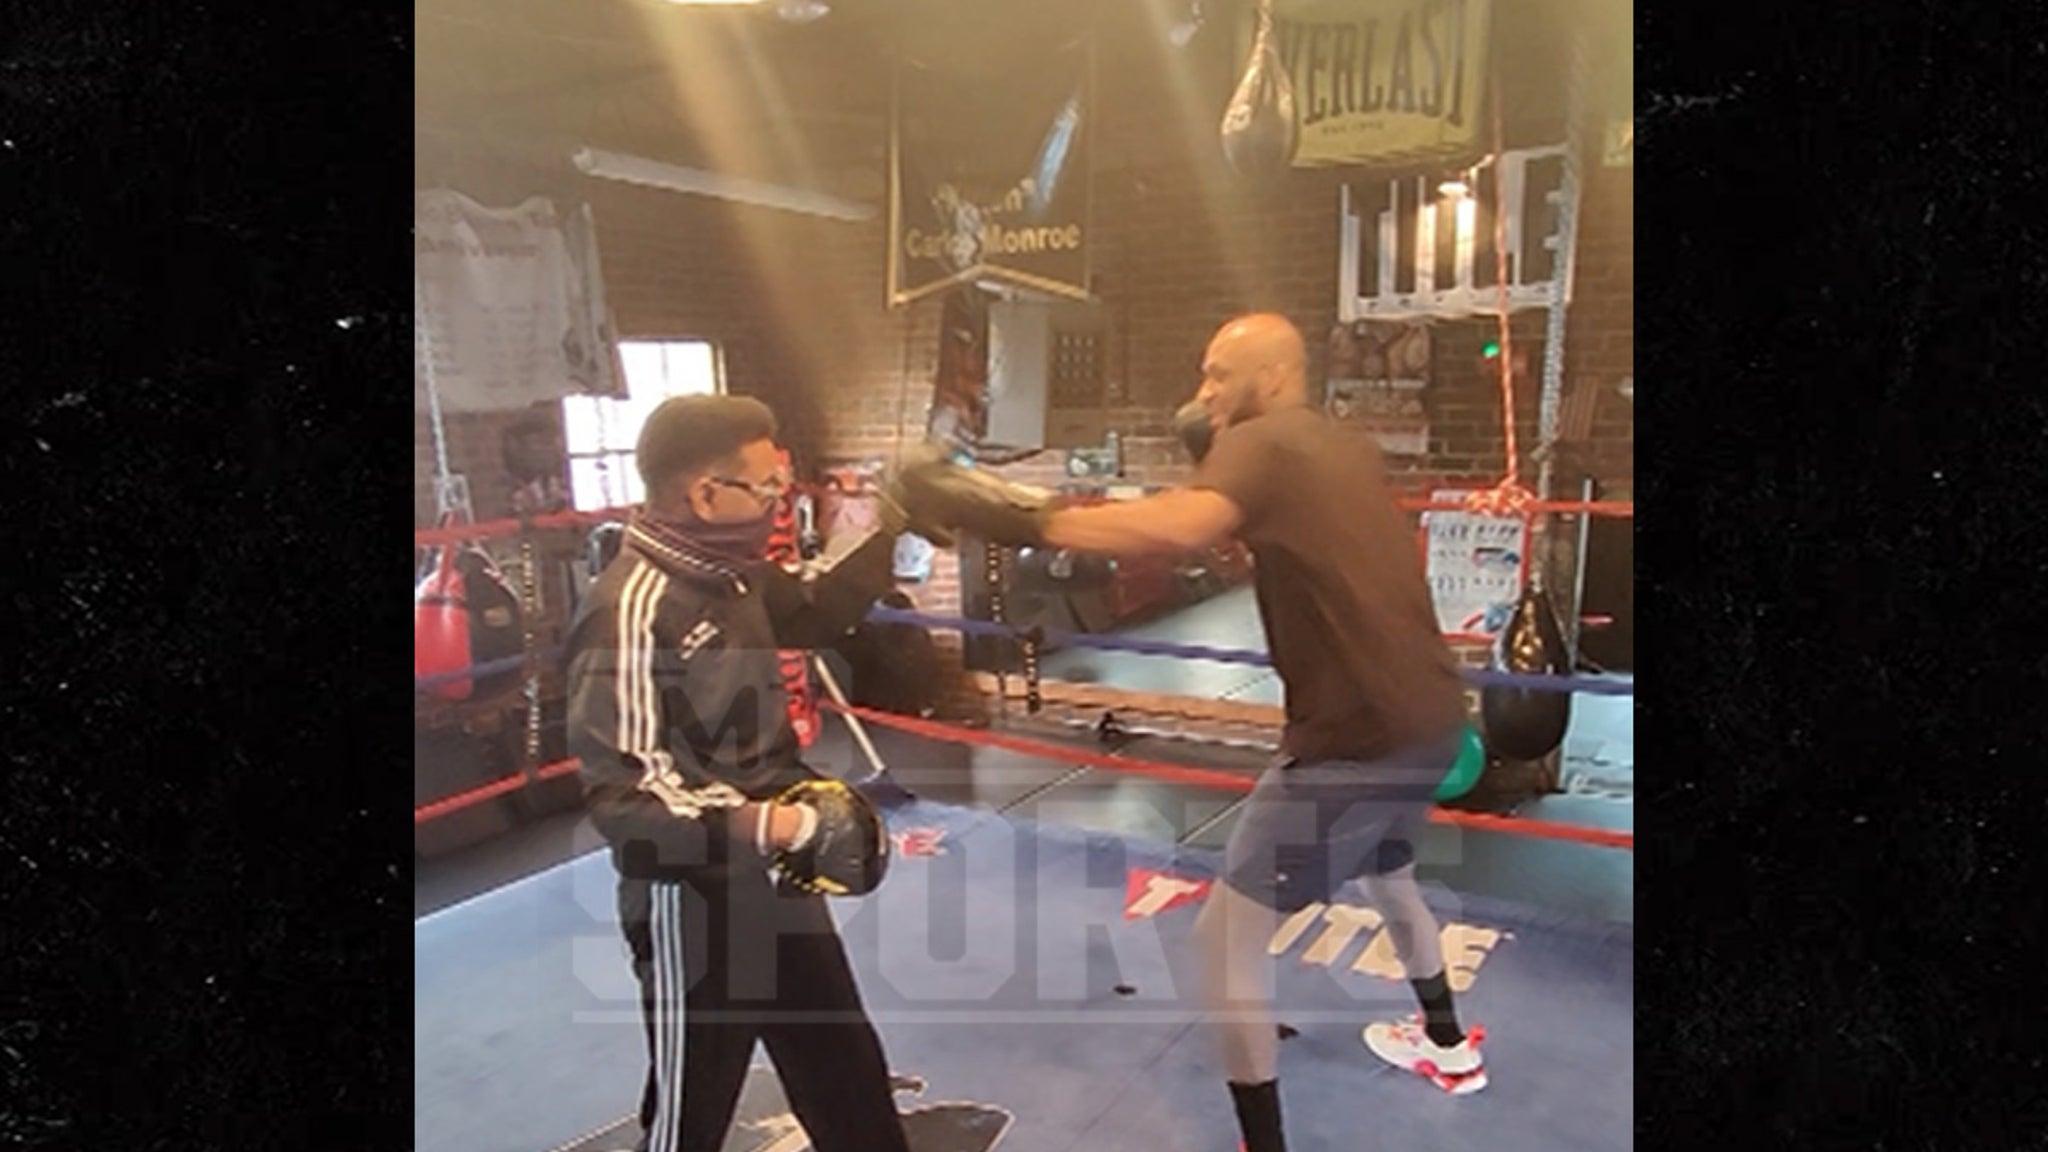 Ламар Одом сокрушает тренировку Сеша в преддверии знаменитого боксерского боя